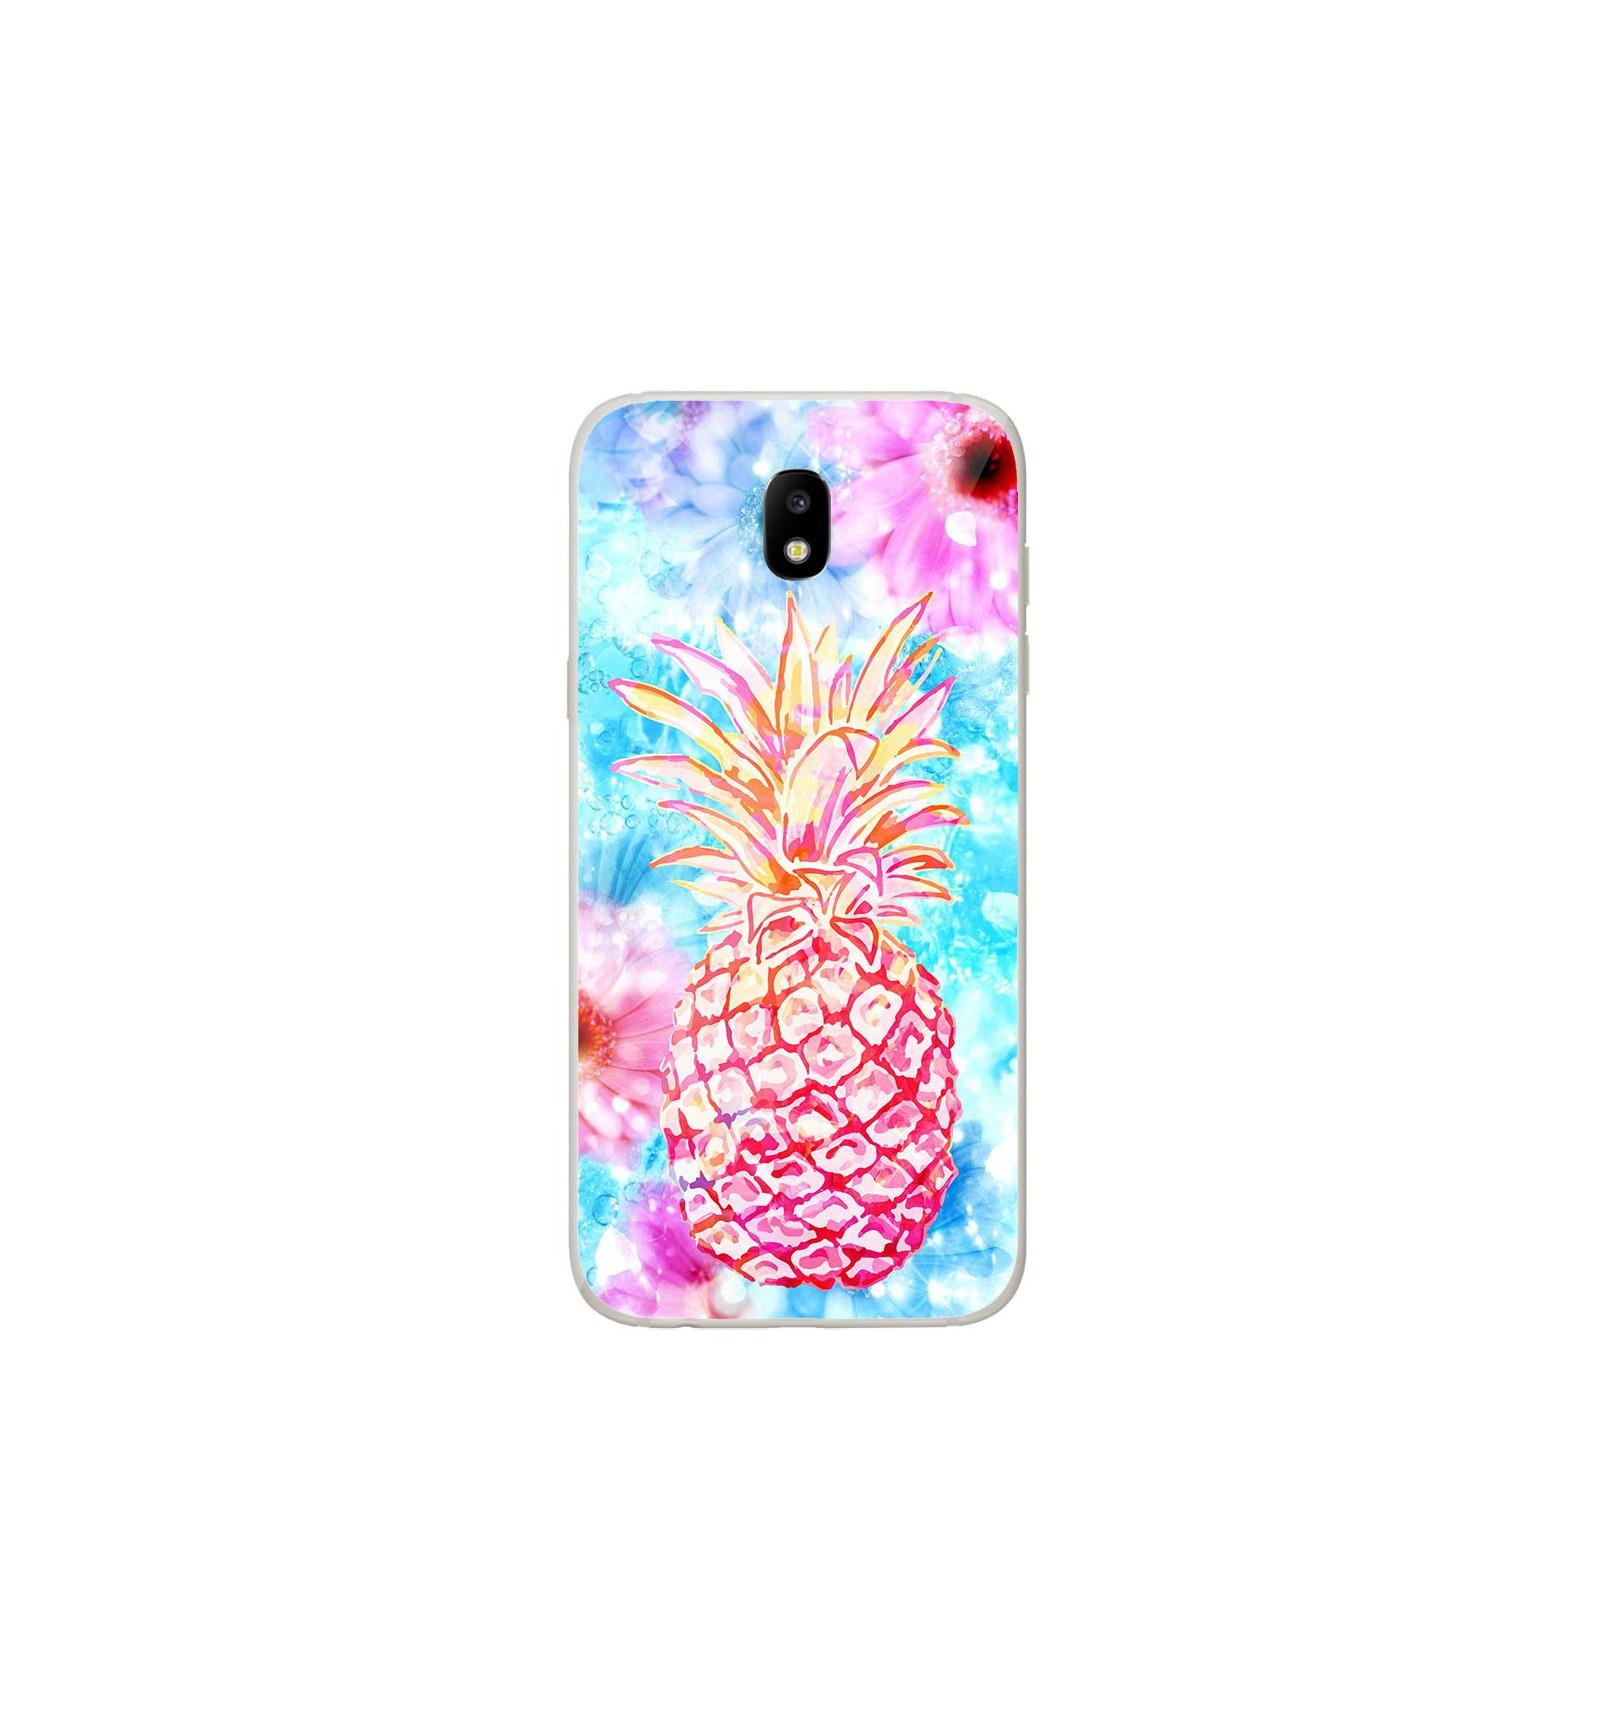 coque samsung j7 2017 ananas